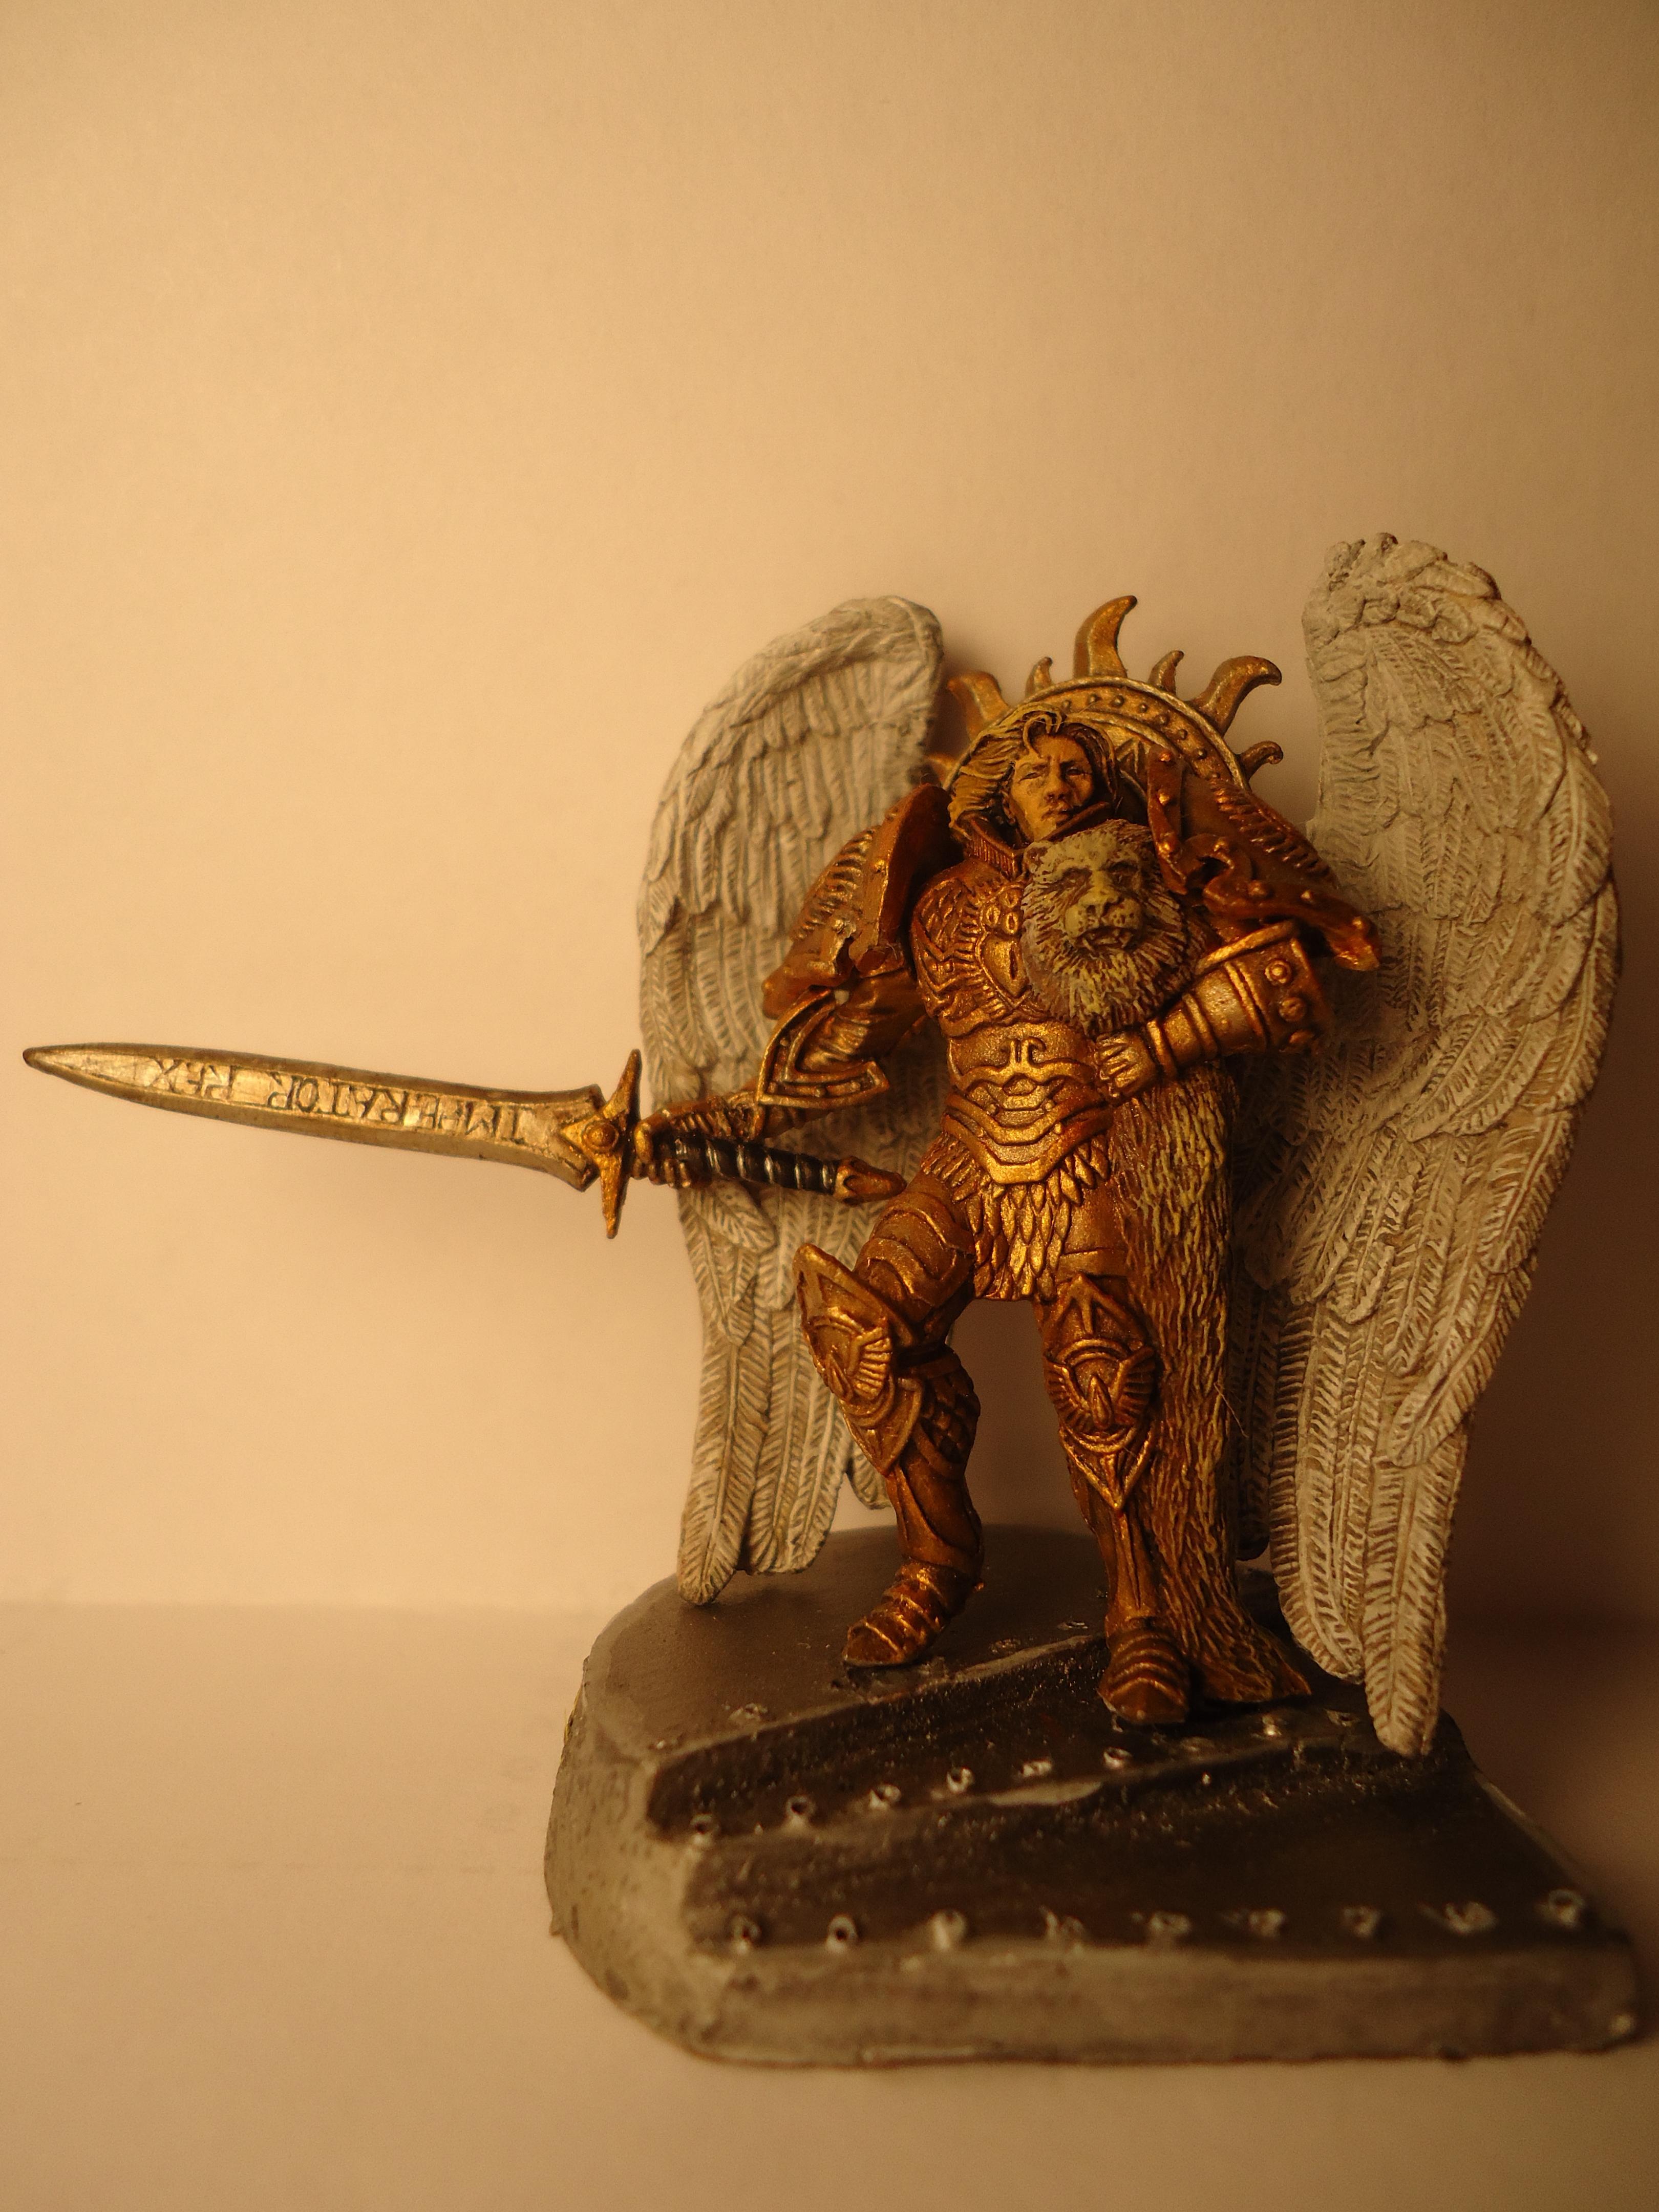 Blood Angels, Primarch, Sanguinius, Space Marines, Warhammer 40,000